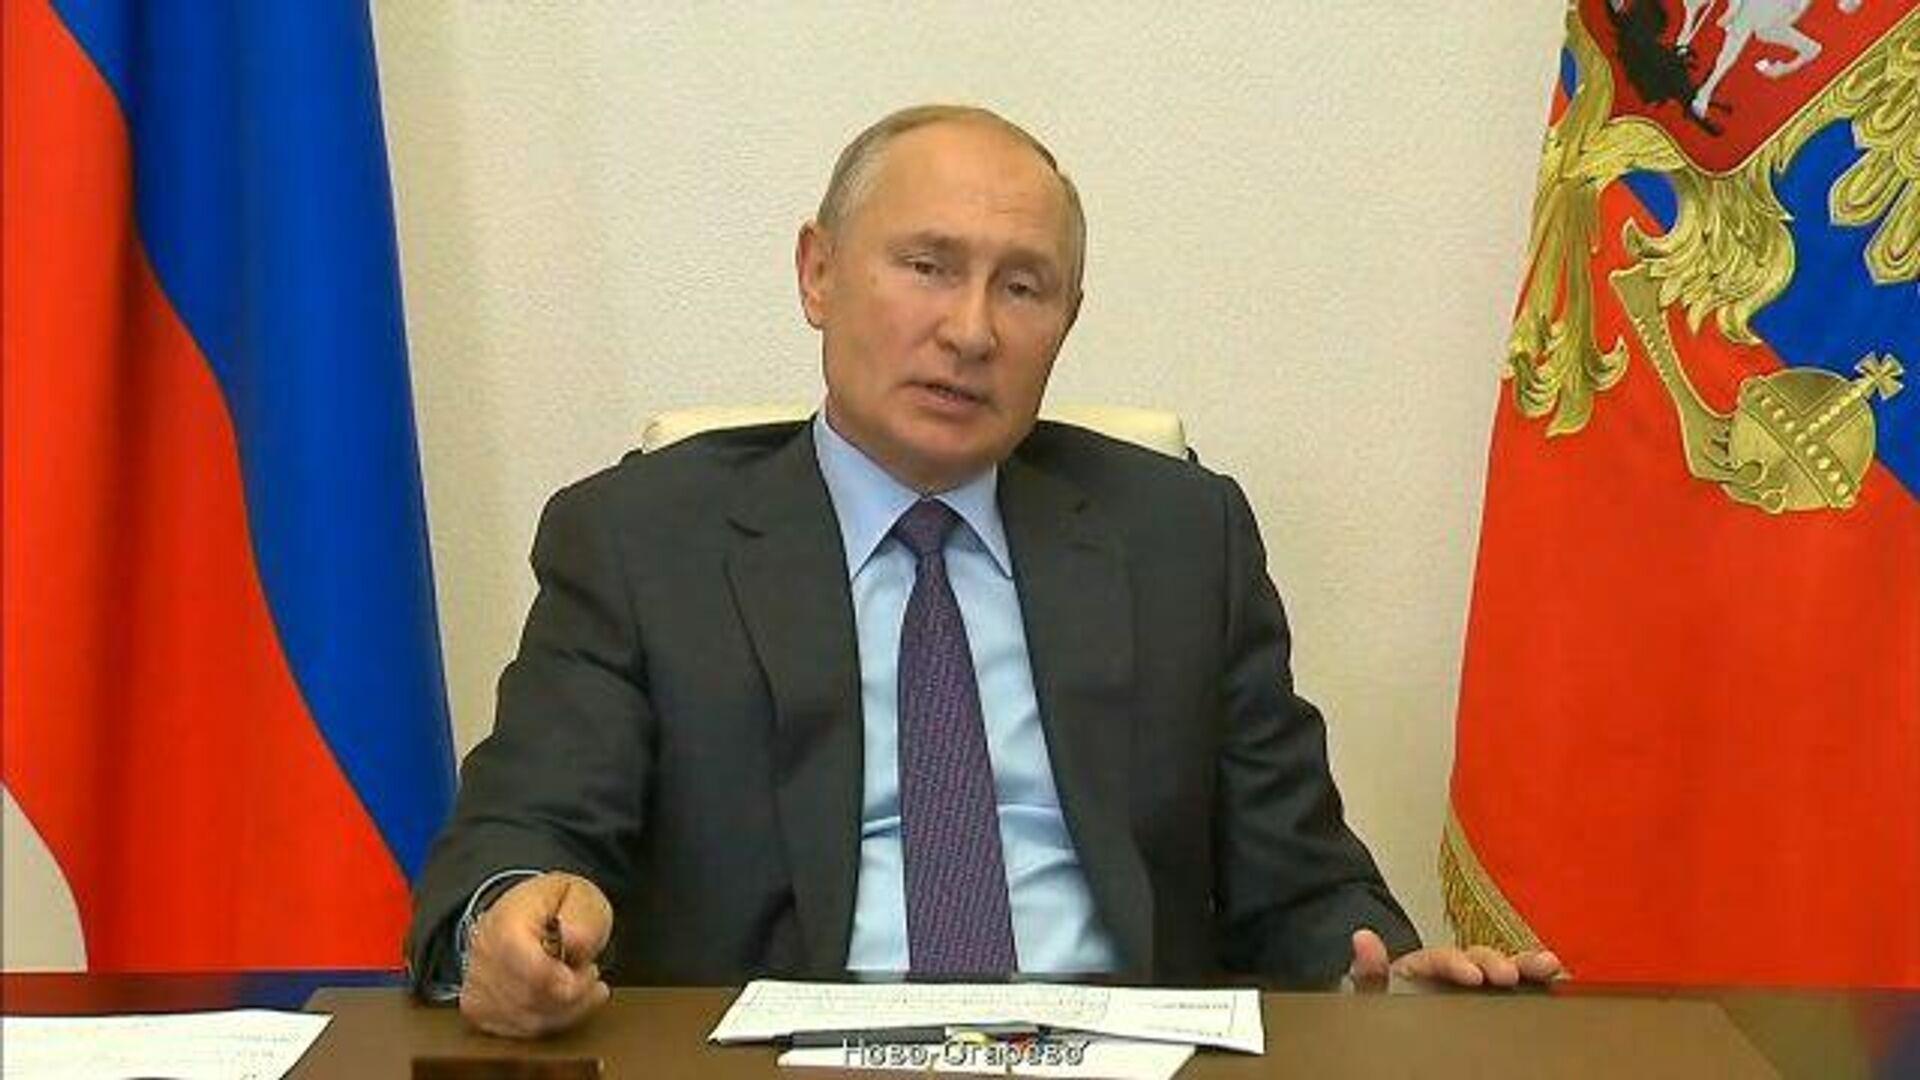 Путин: Надеюсь, зима врасплох не застанет - РИА Новости, 1920, 09.09.2020